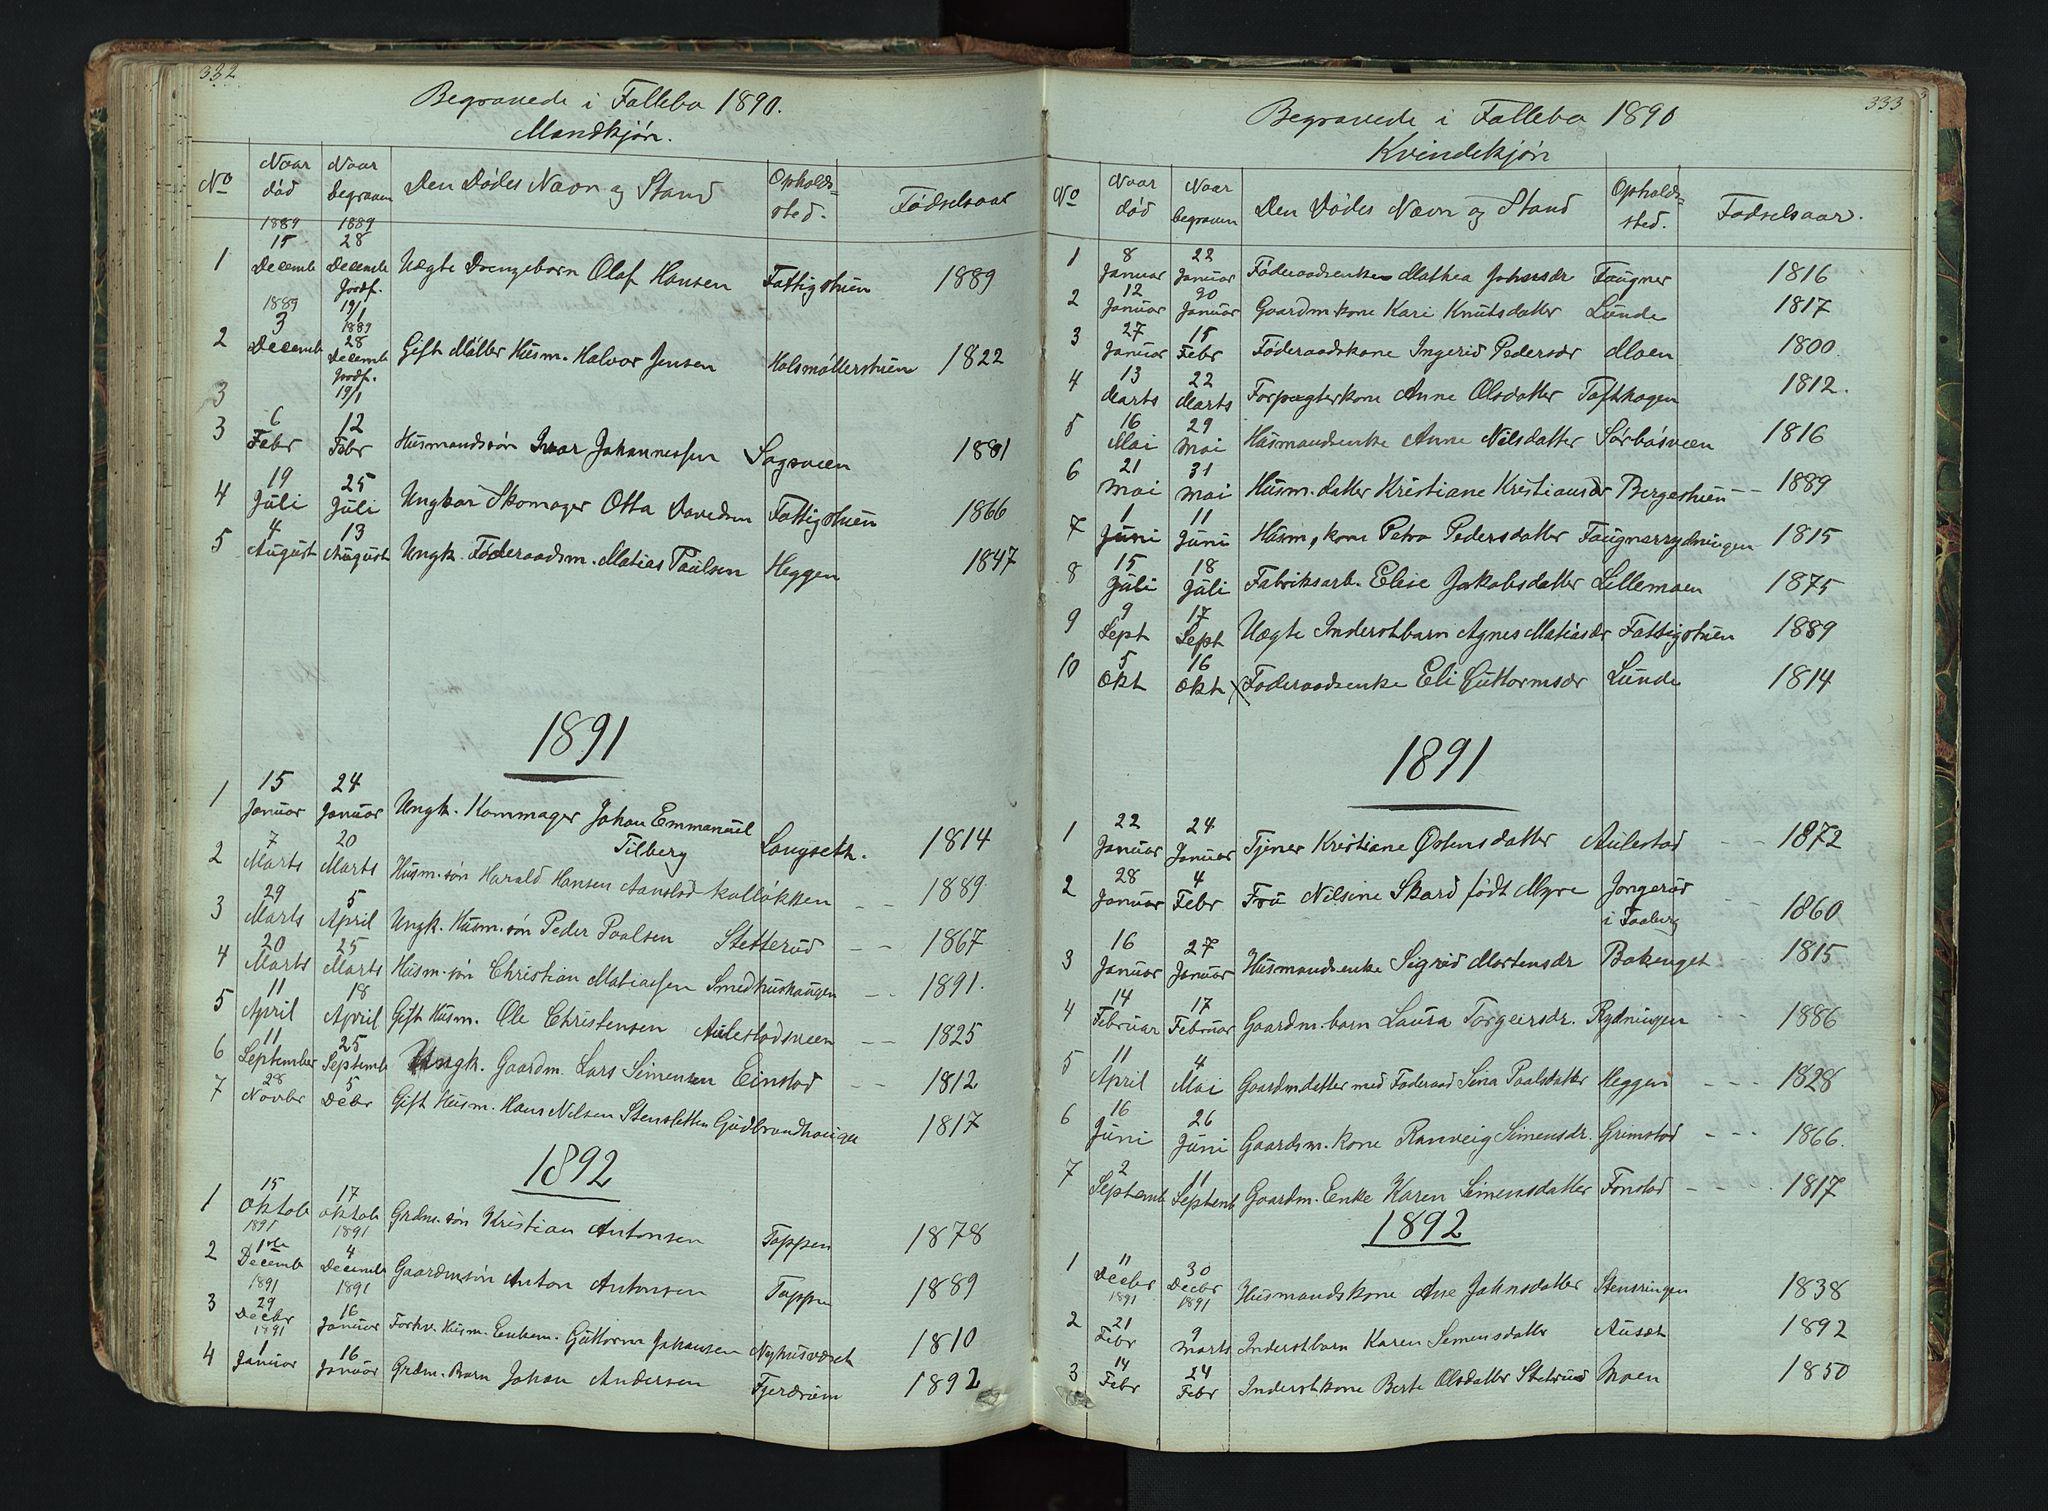 SAH, Gausdal prestekontor, Klokkerbok nr. 6, 1846-1893, s. 332-333